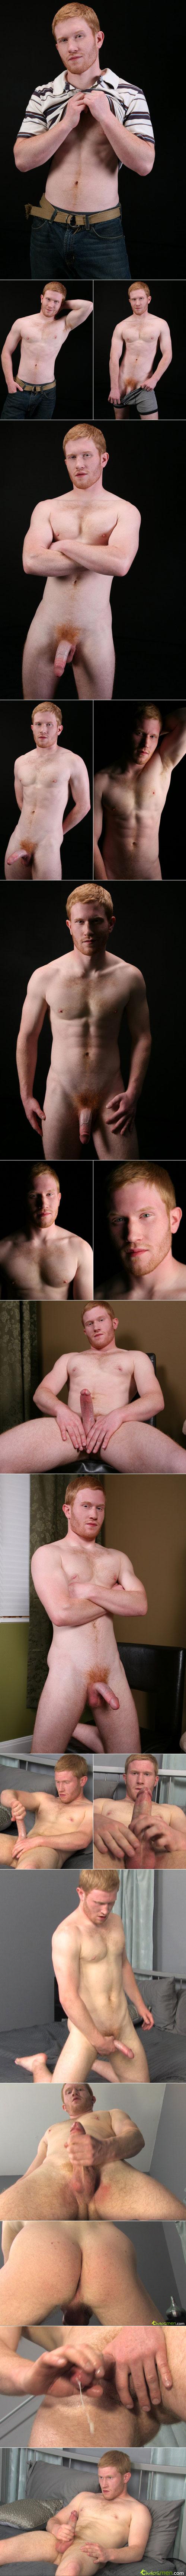 Chaosmen: Ginger stud Carter